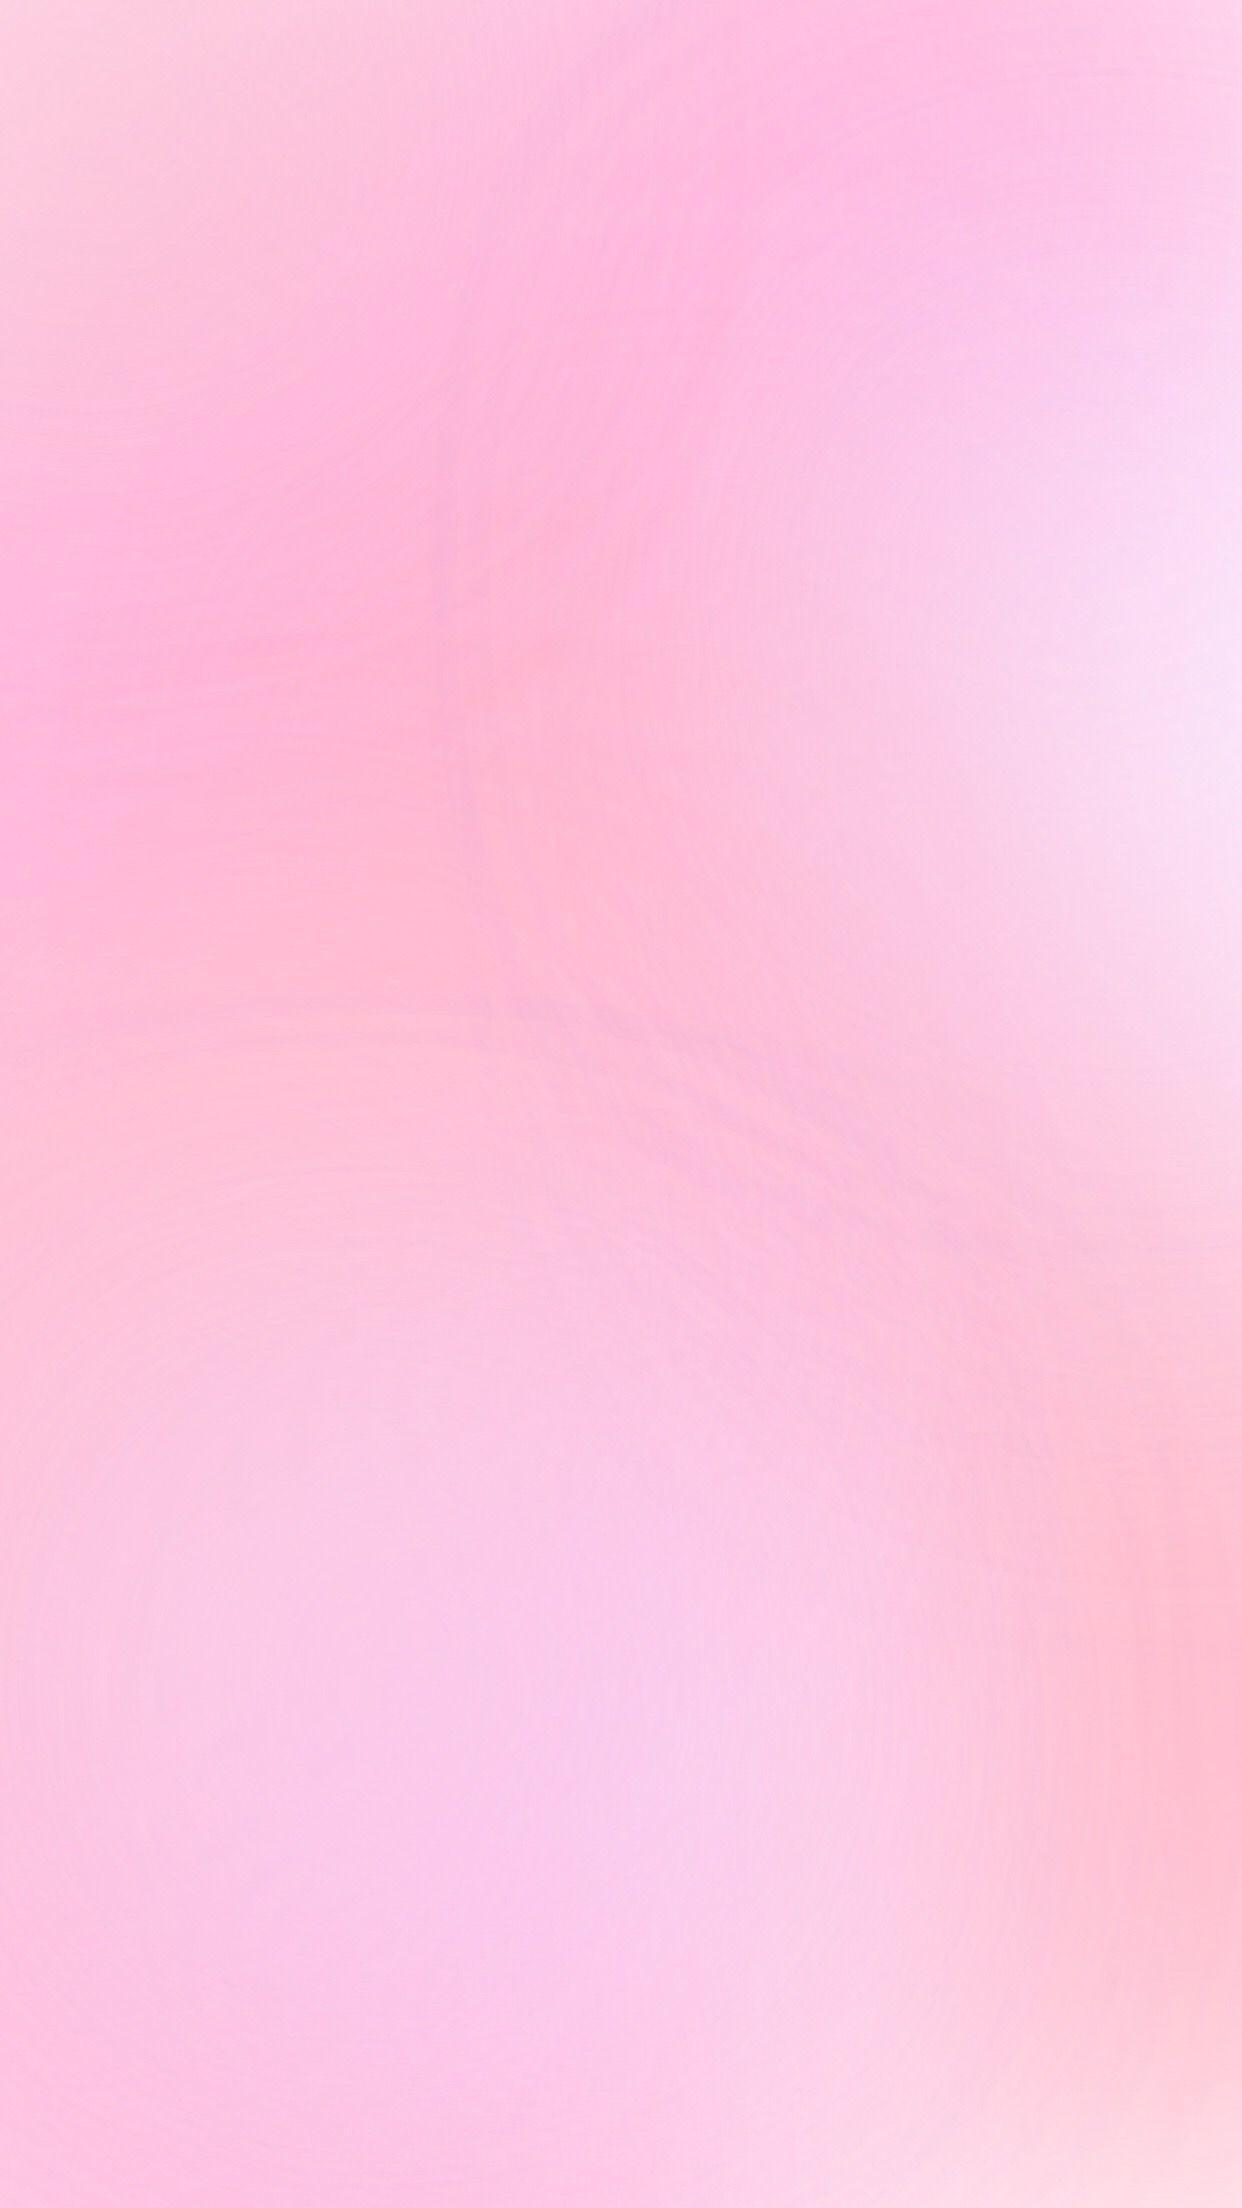 Light Pink Glitter Wallpaper